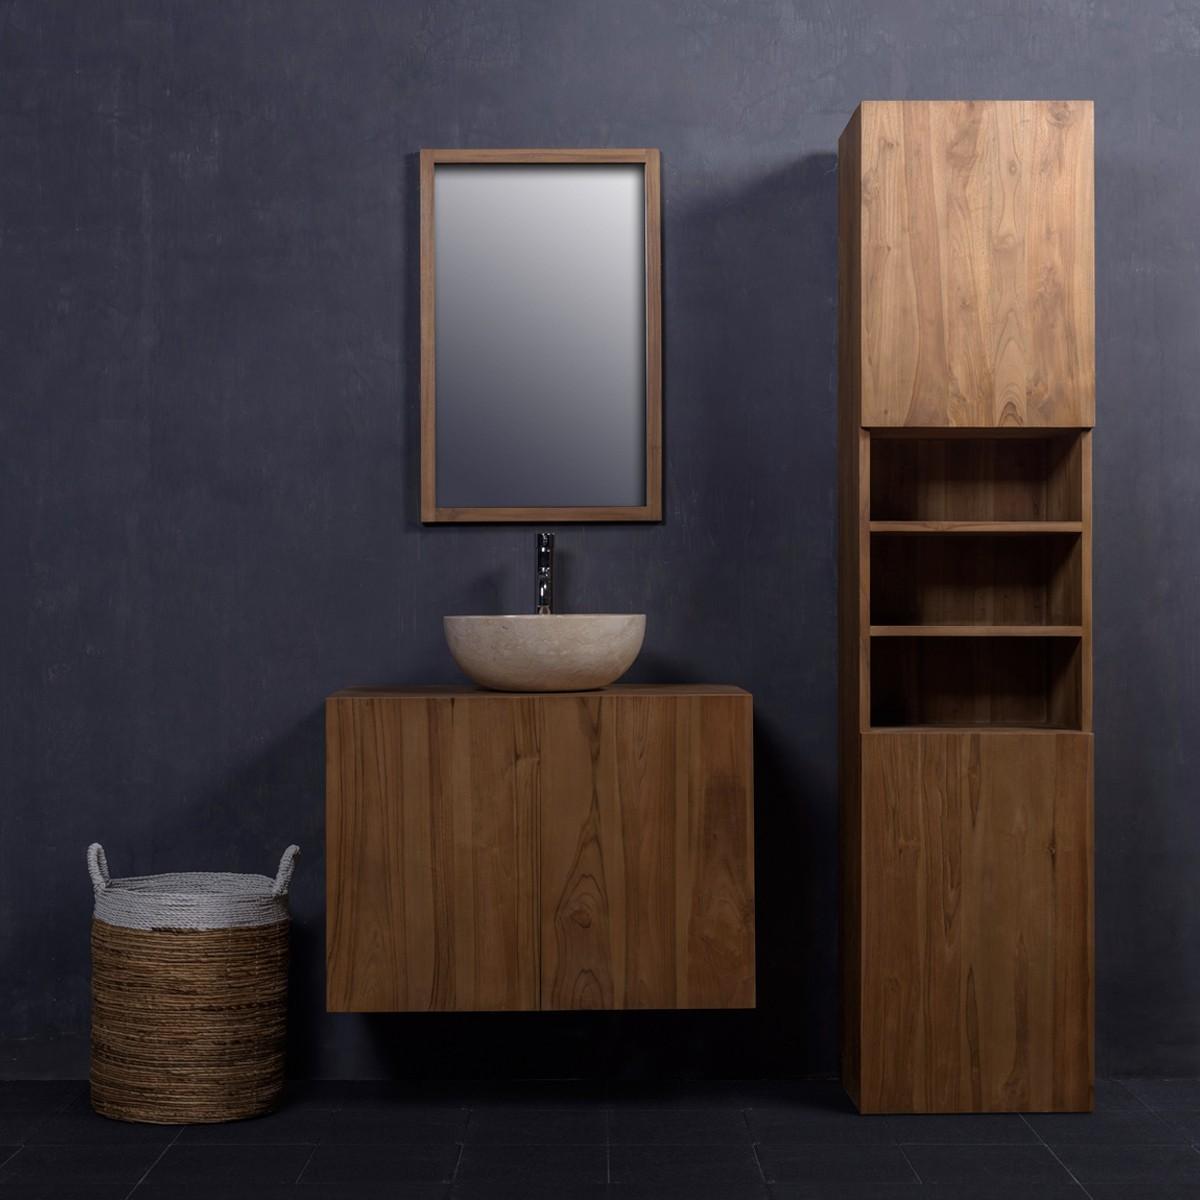 Ensemble de salle de bain en bois de teck meuble de salle de bain teck 80 - Ensemble salle de bain bois ...